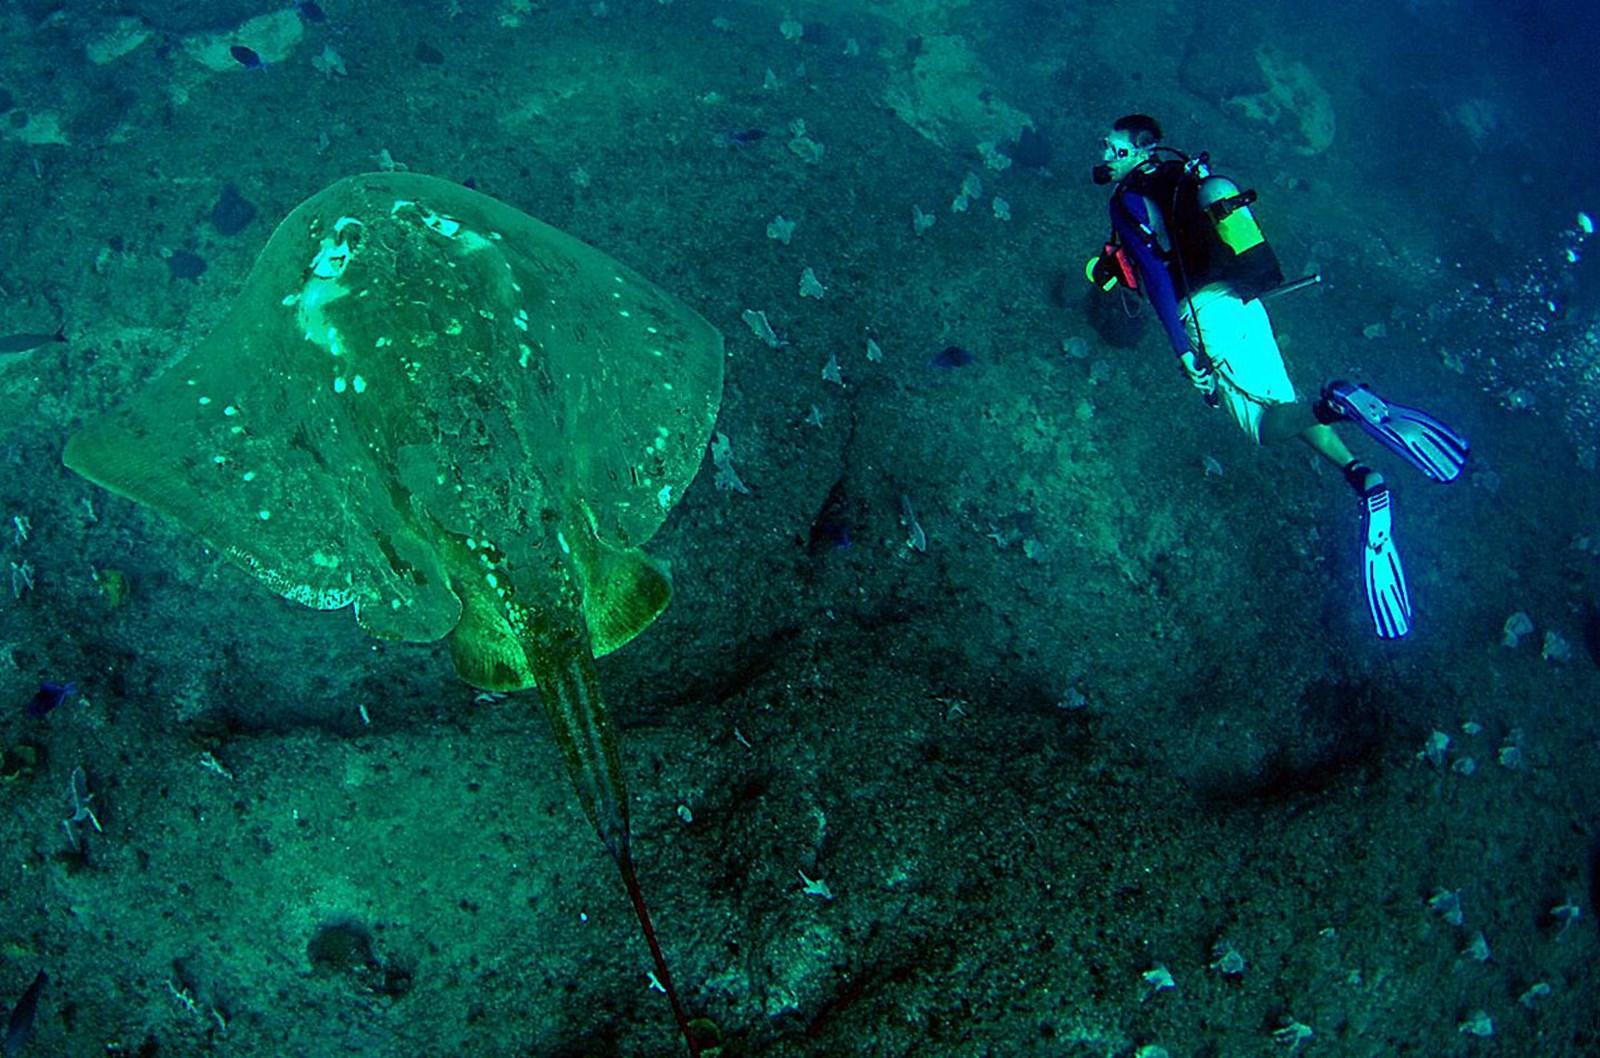 Forscher sammeln Touristenfotos von riesigem Stechrochen